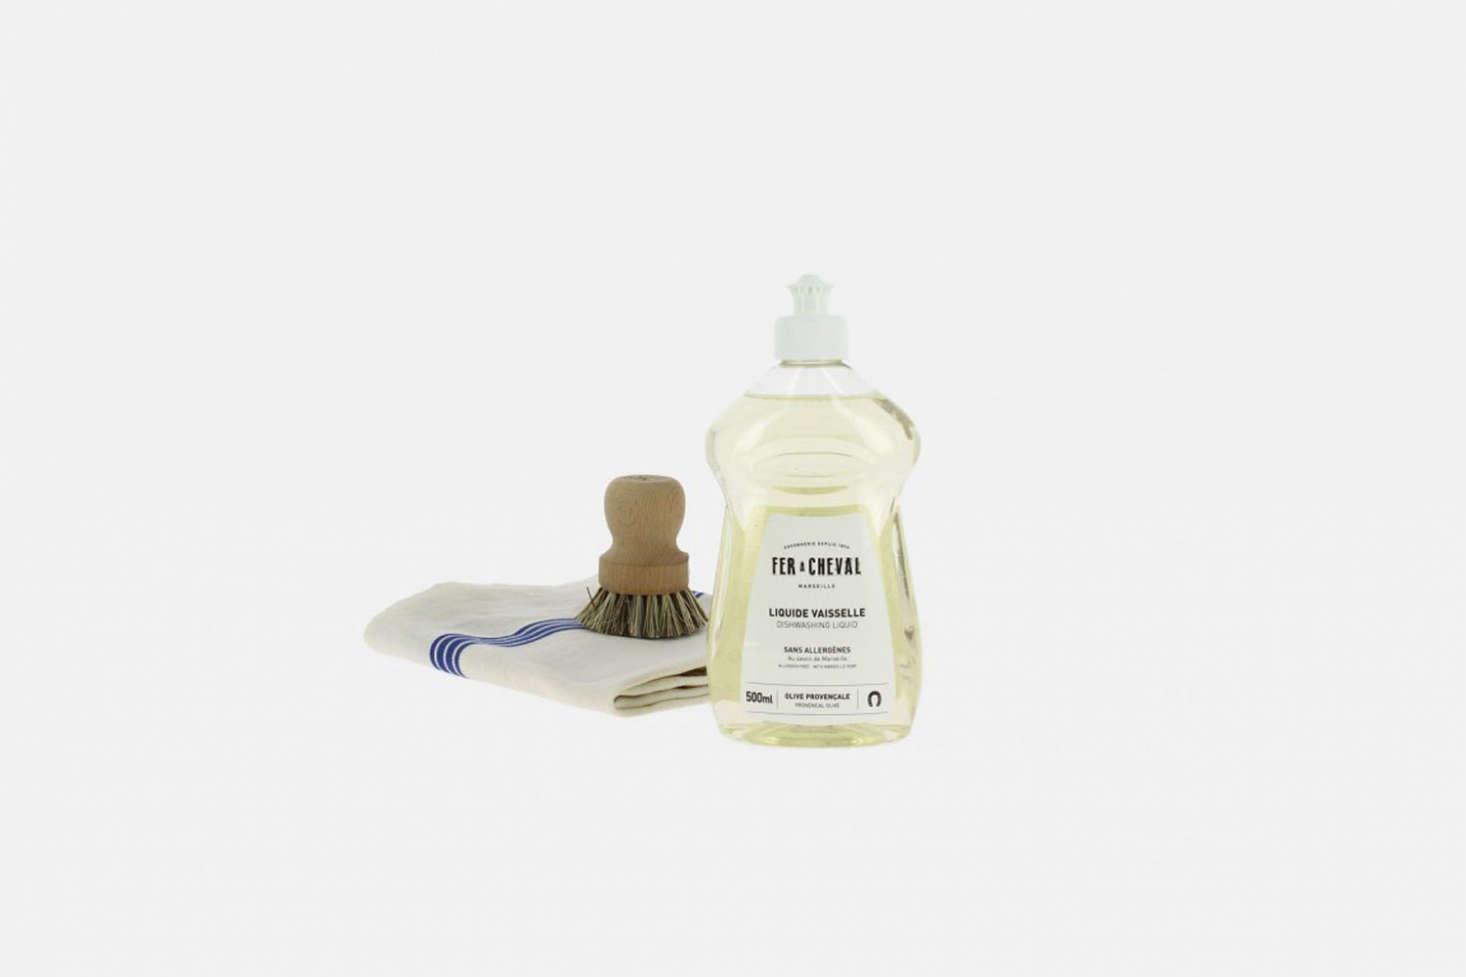 The Fer à Cheval Liquide Vaisselle Savon de Marseille is made without dyes, of Marseille soap; €4.50 at La Trésorerie.